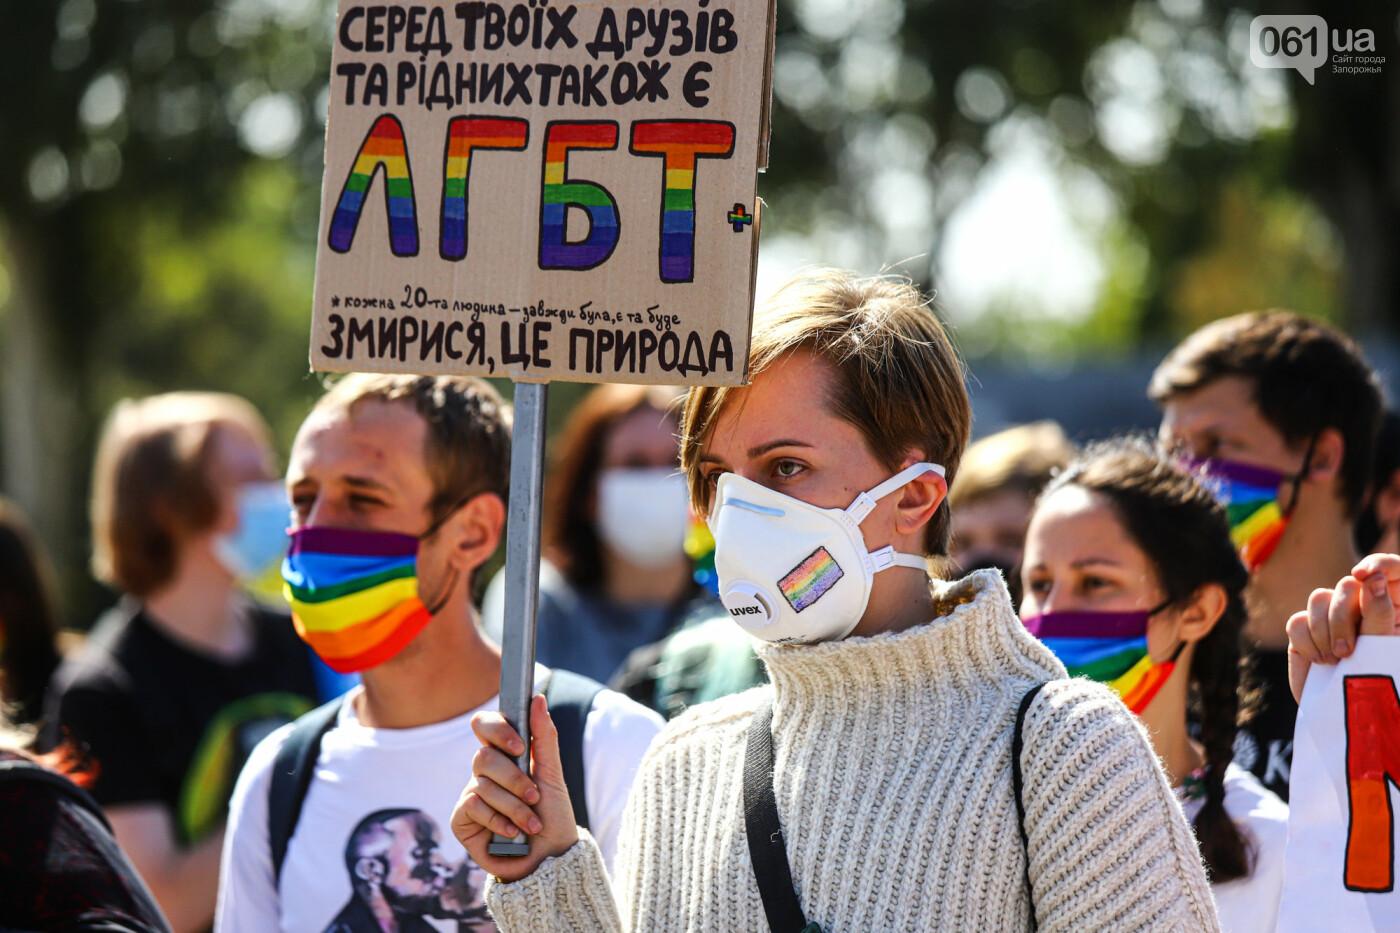 ЛГБТ-прайд, эко-митинг и восстановленные скульптуры в сквере Пионеров: сентябрь в фотографиях , фото-109